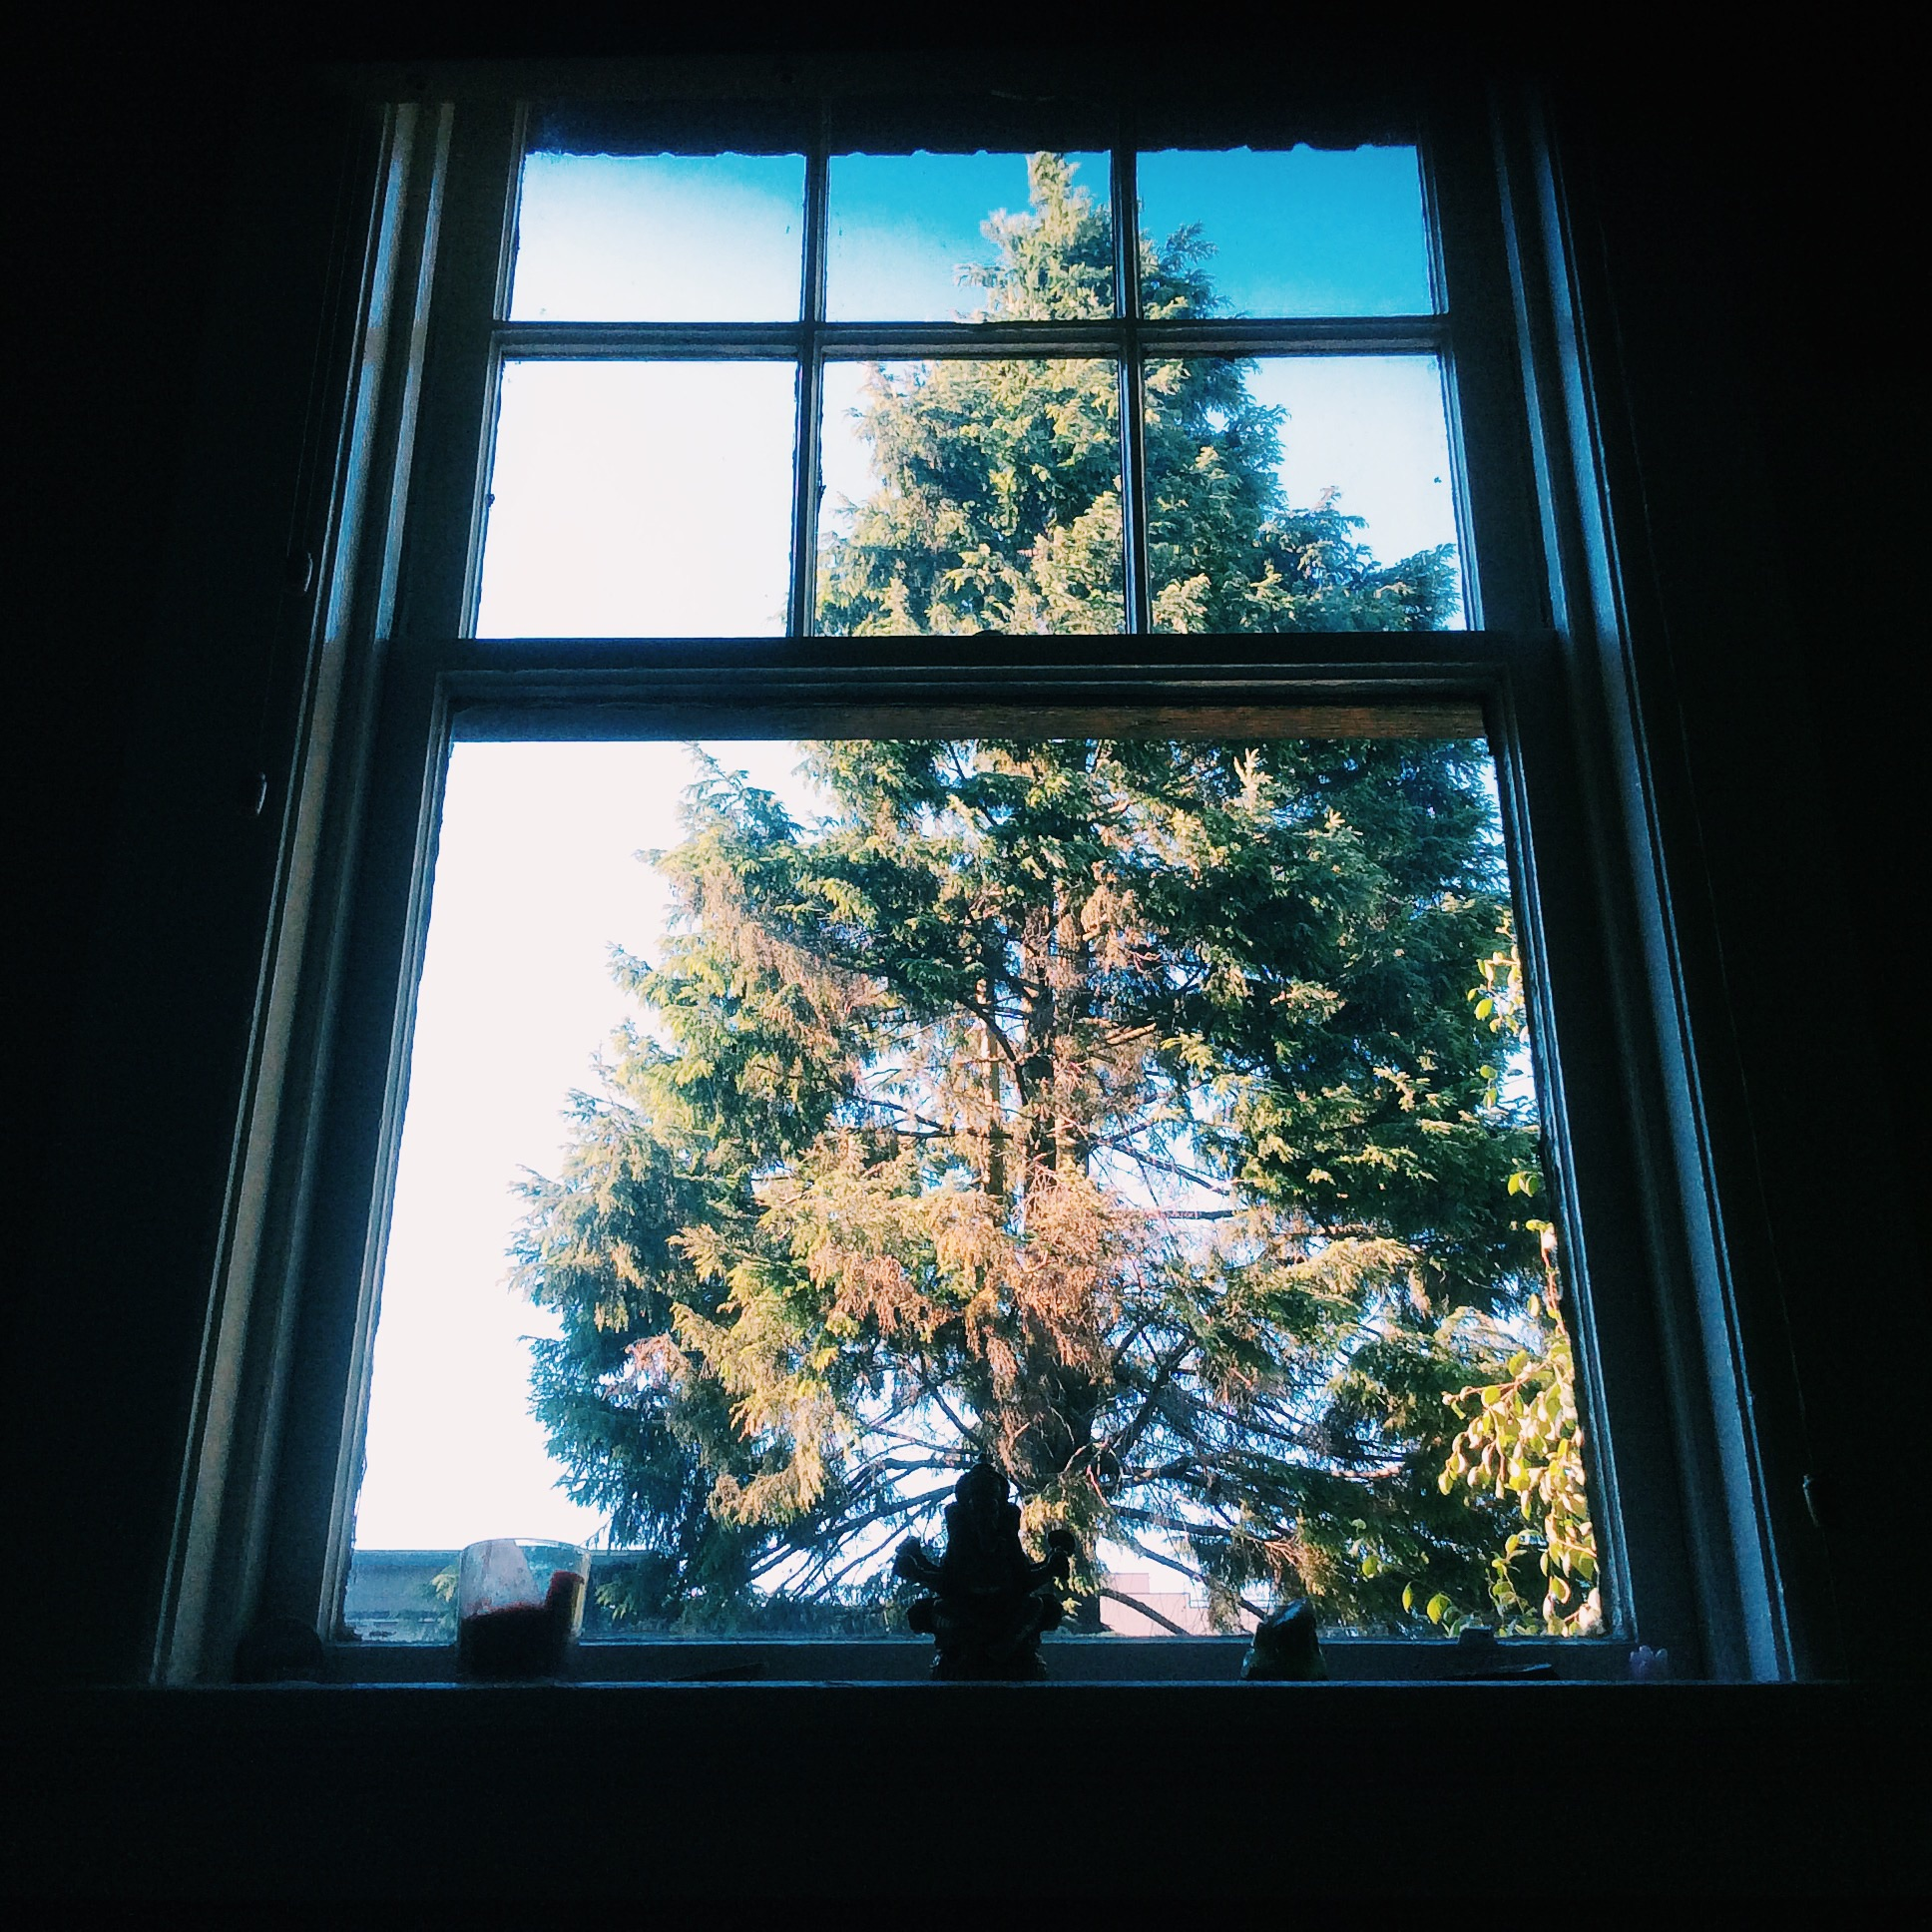 ベット�ら見�る大��木������気�入り。